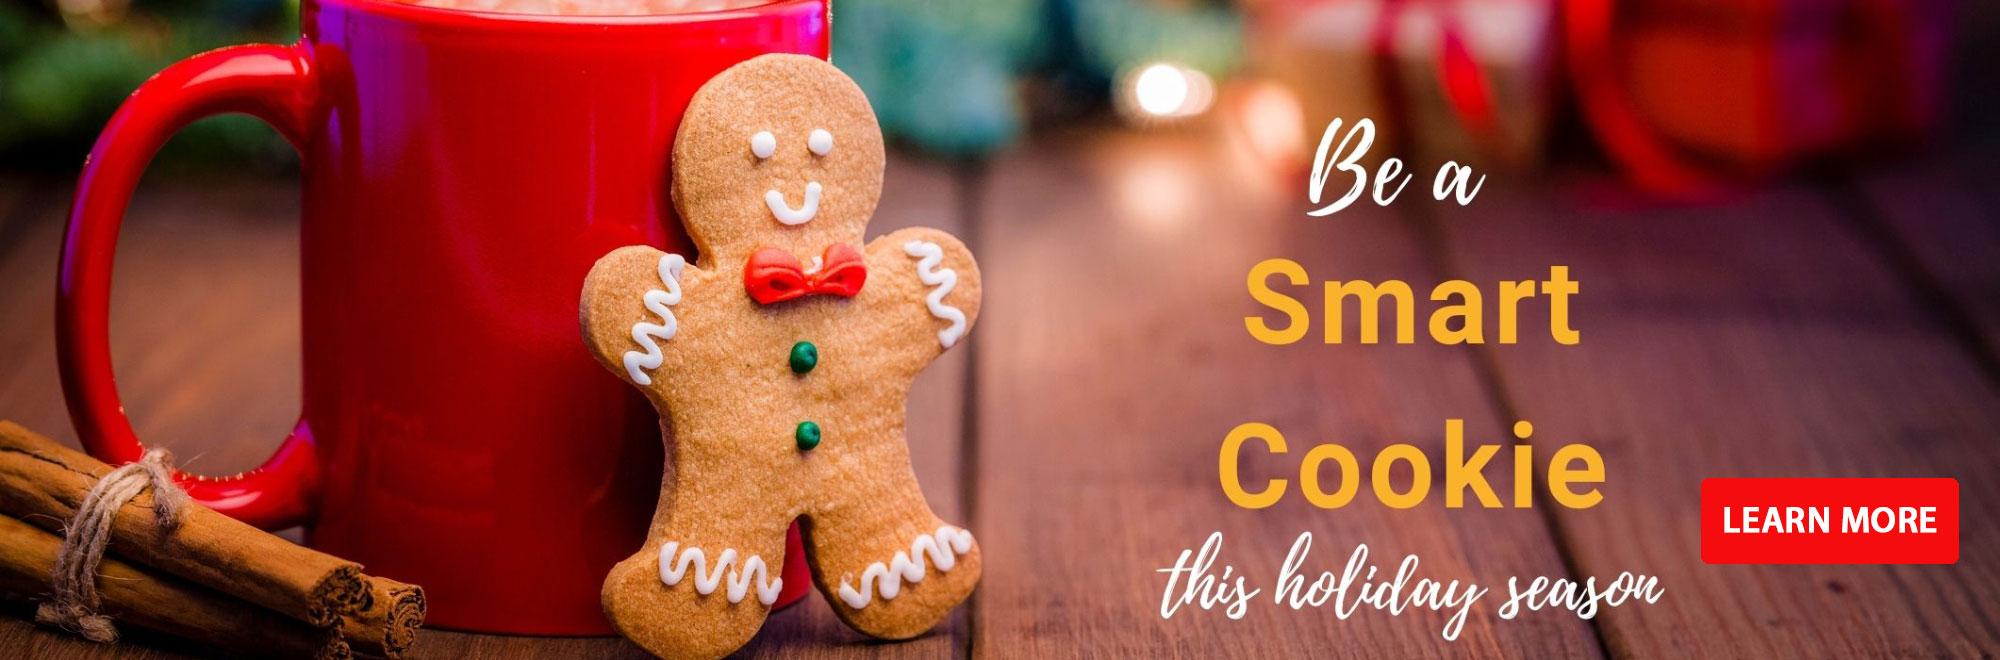 Smart cookie banner